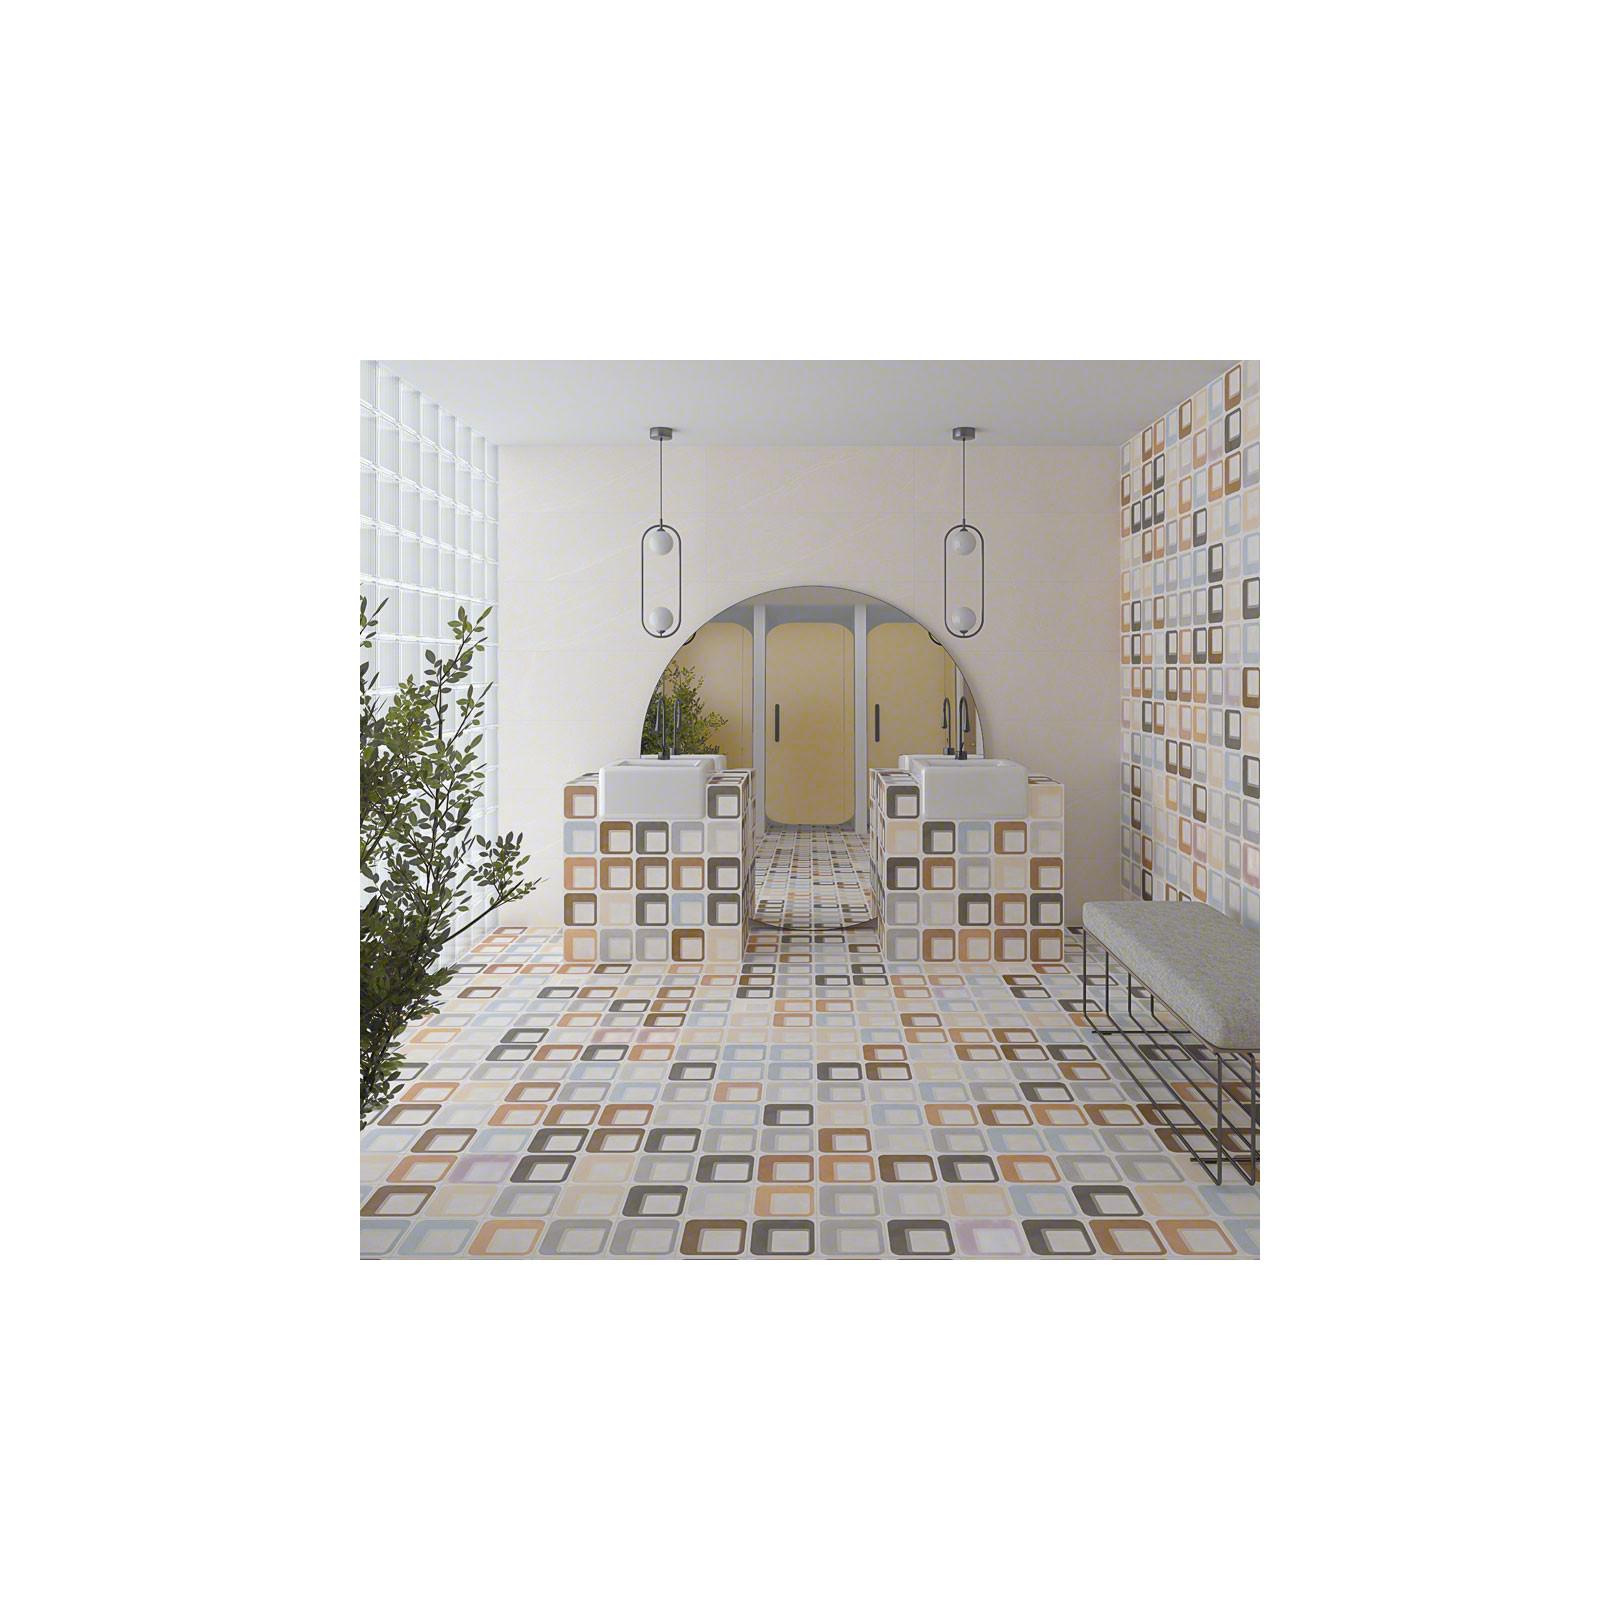 Carrelage grès cérame effet carreau ciment motif multicolore POP Tile Ferus 15x15cm